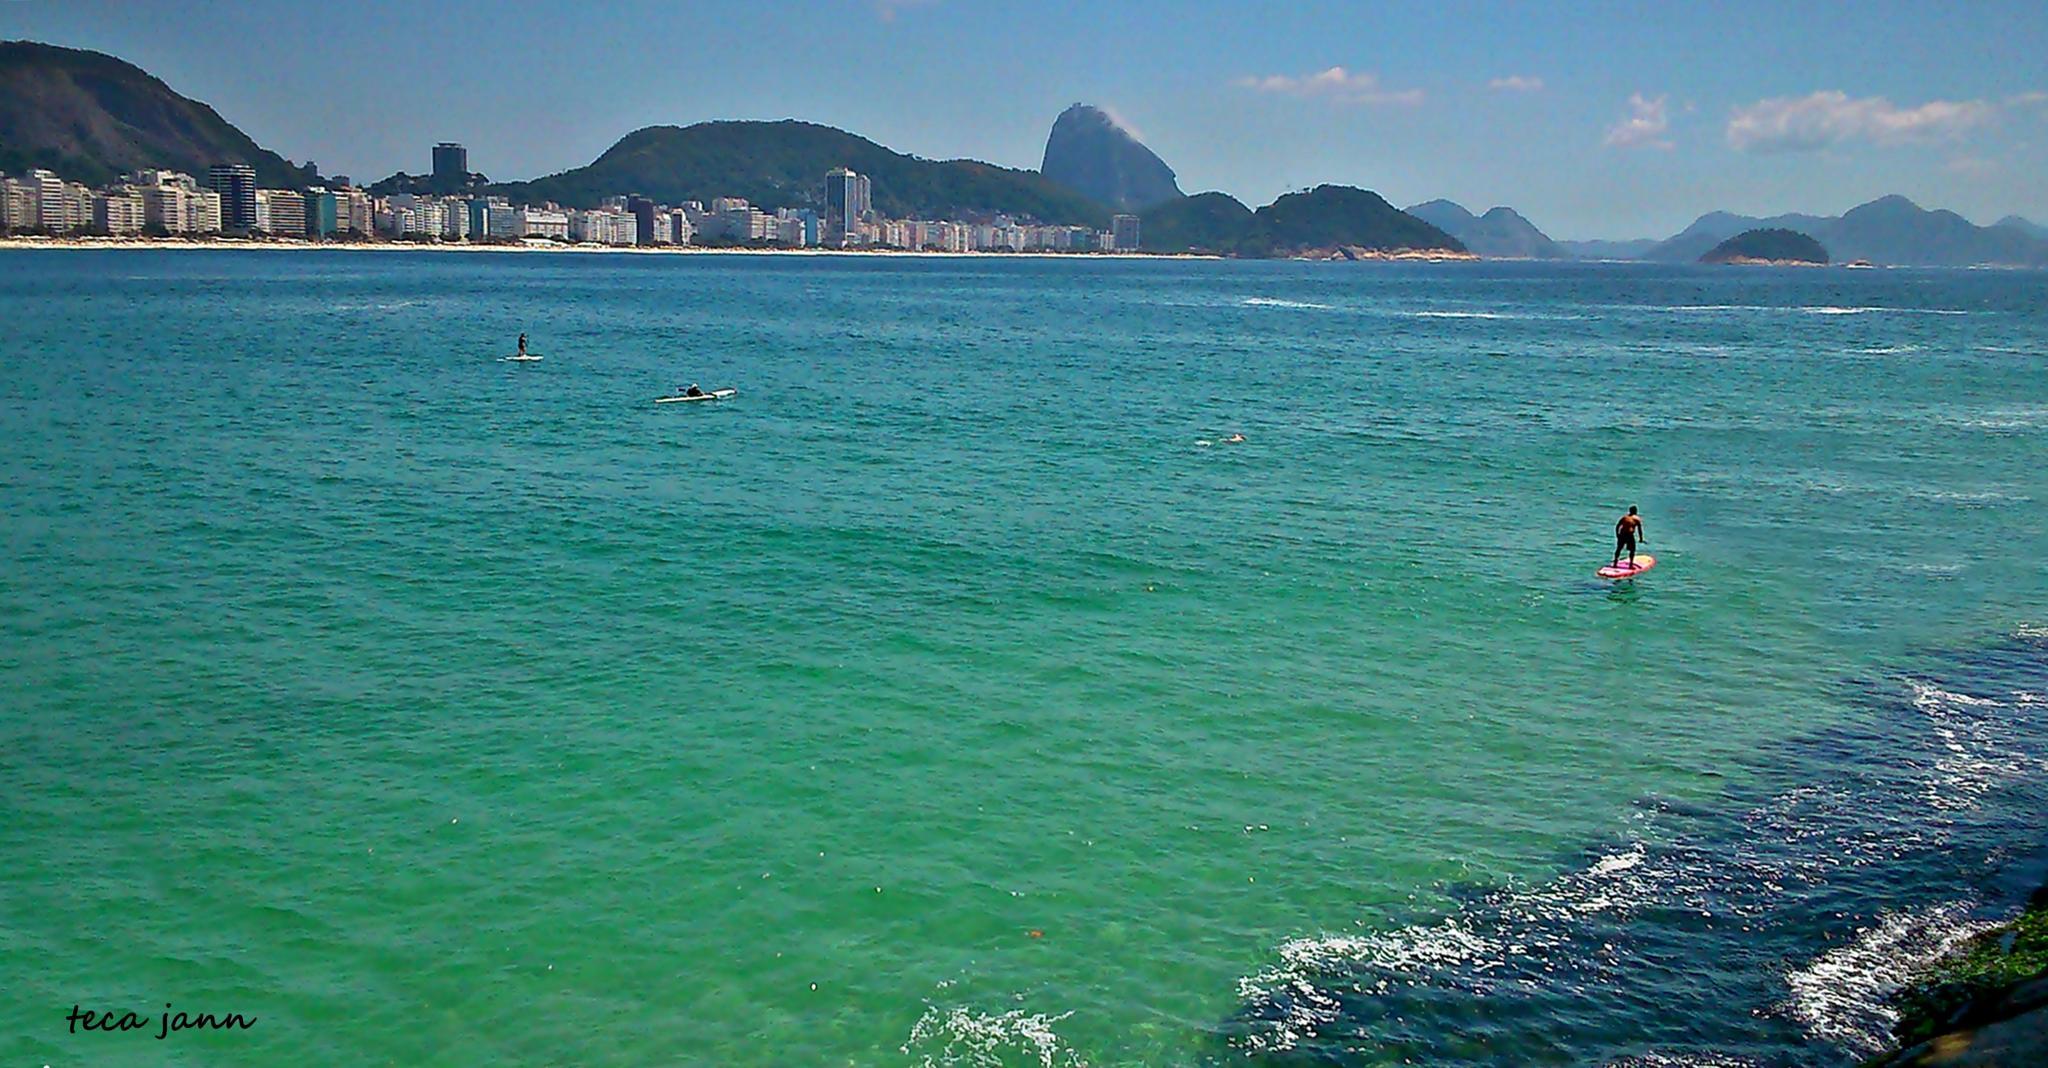 Praia de Copacabana by tecajanone